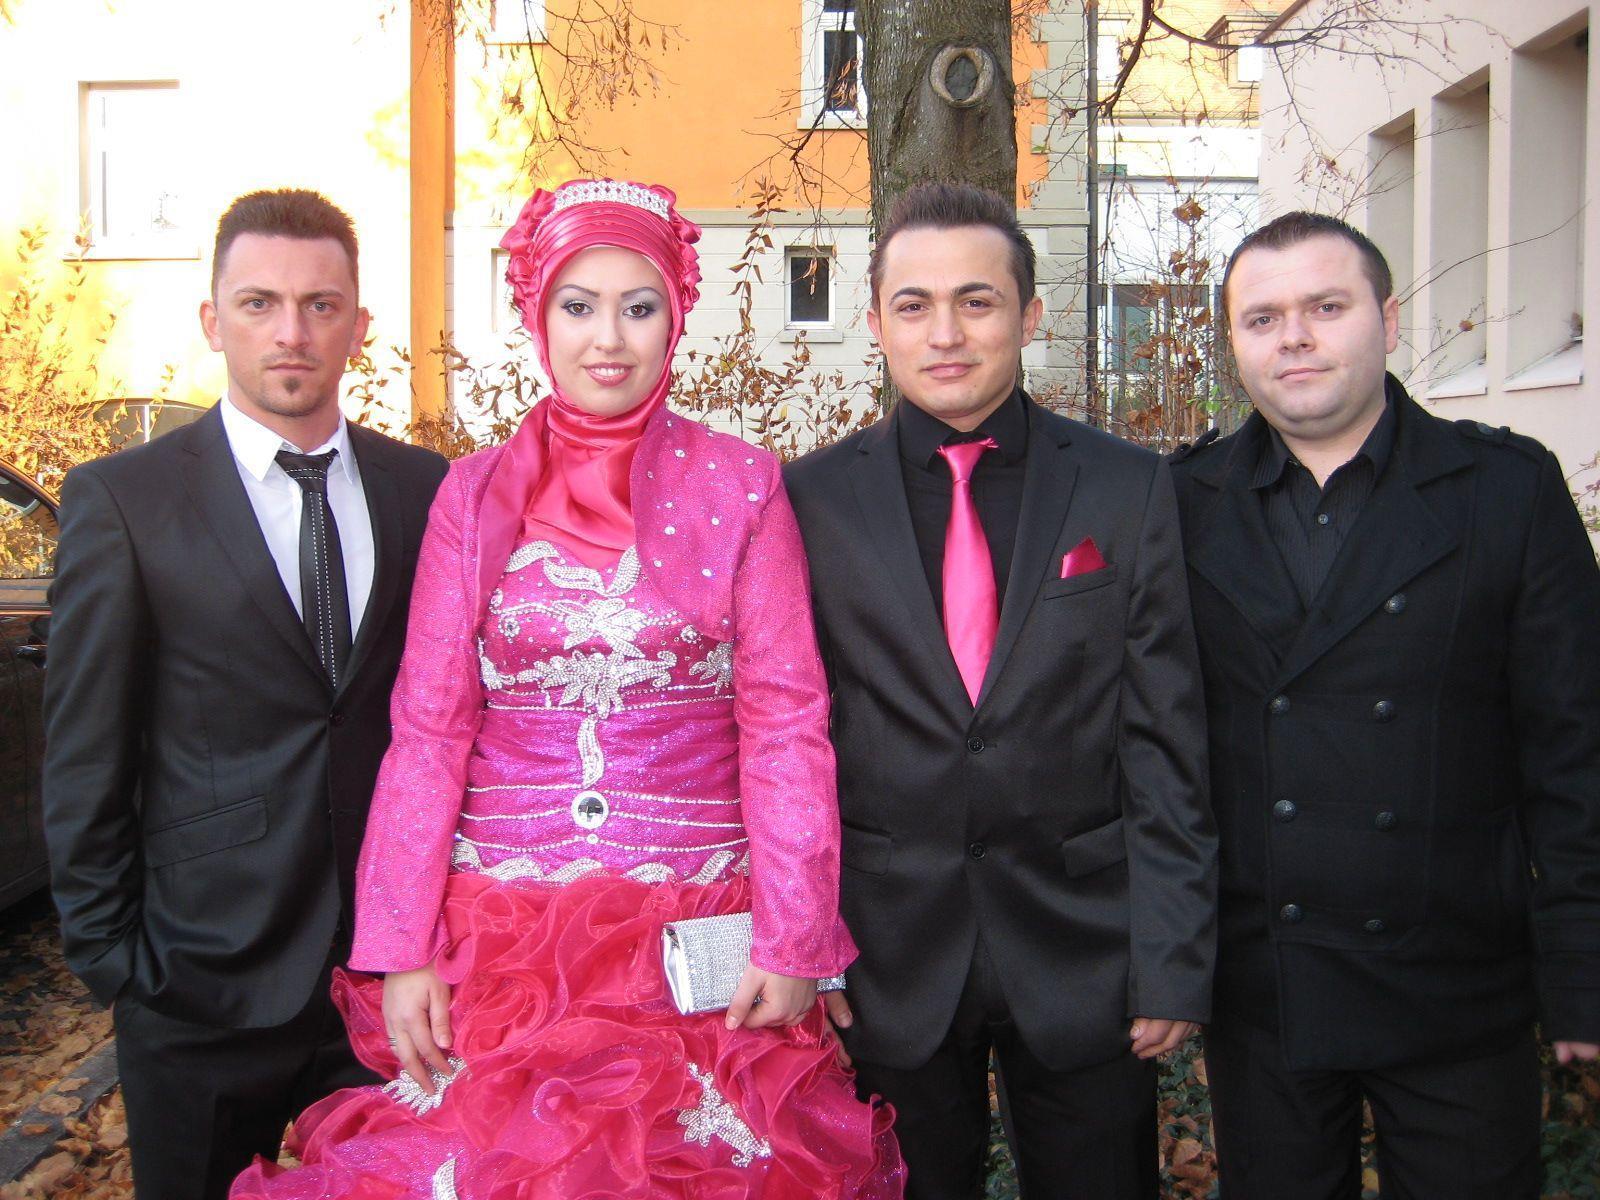 Derya Yilmaz und Emrah Karatas haben geheiratet.